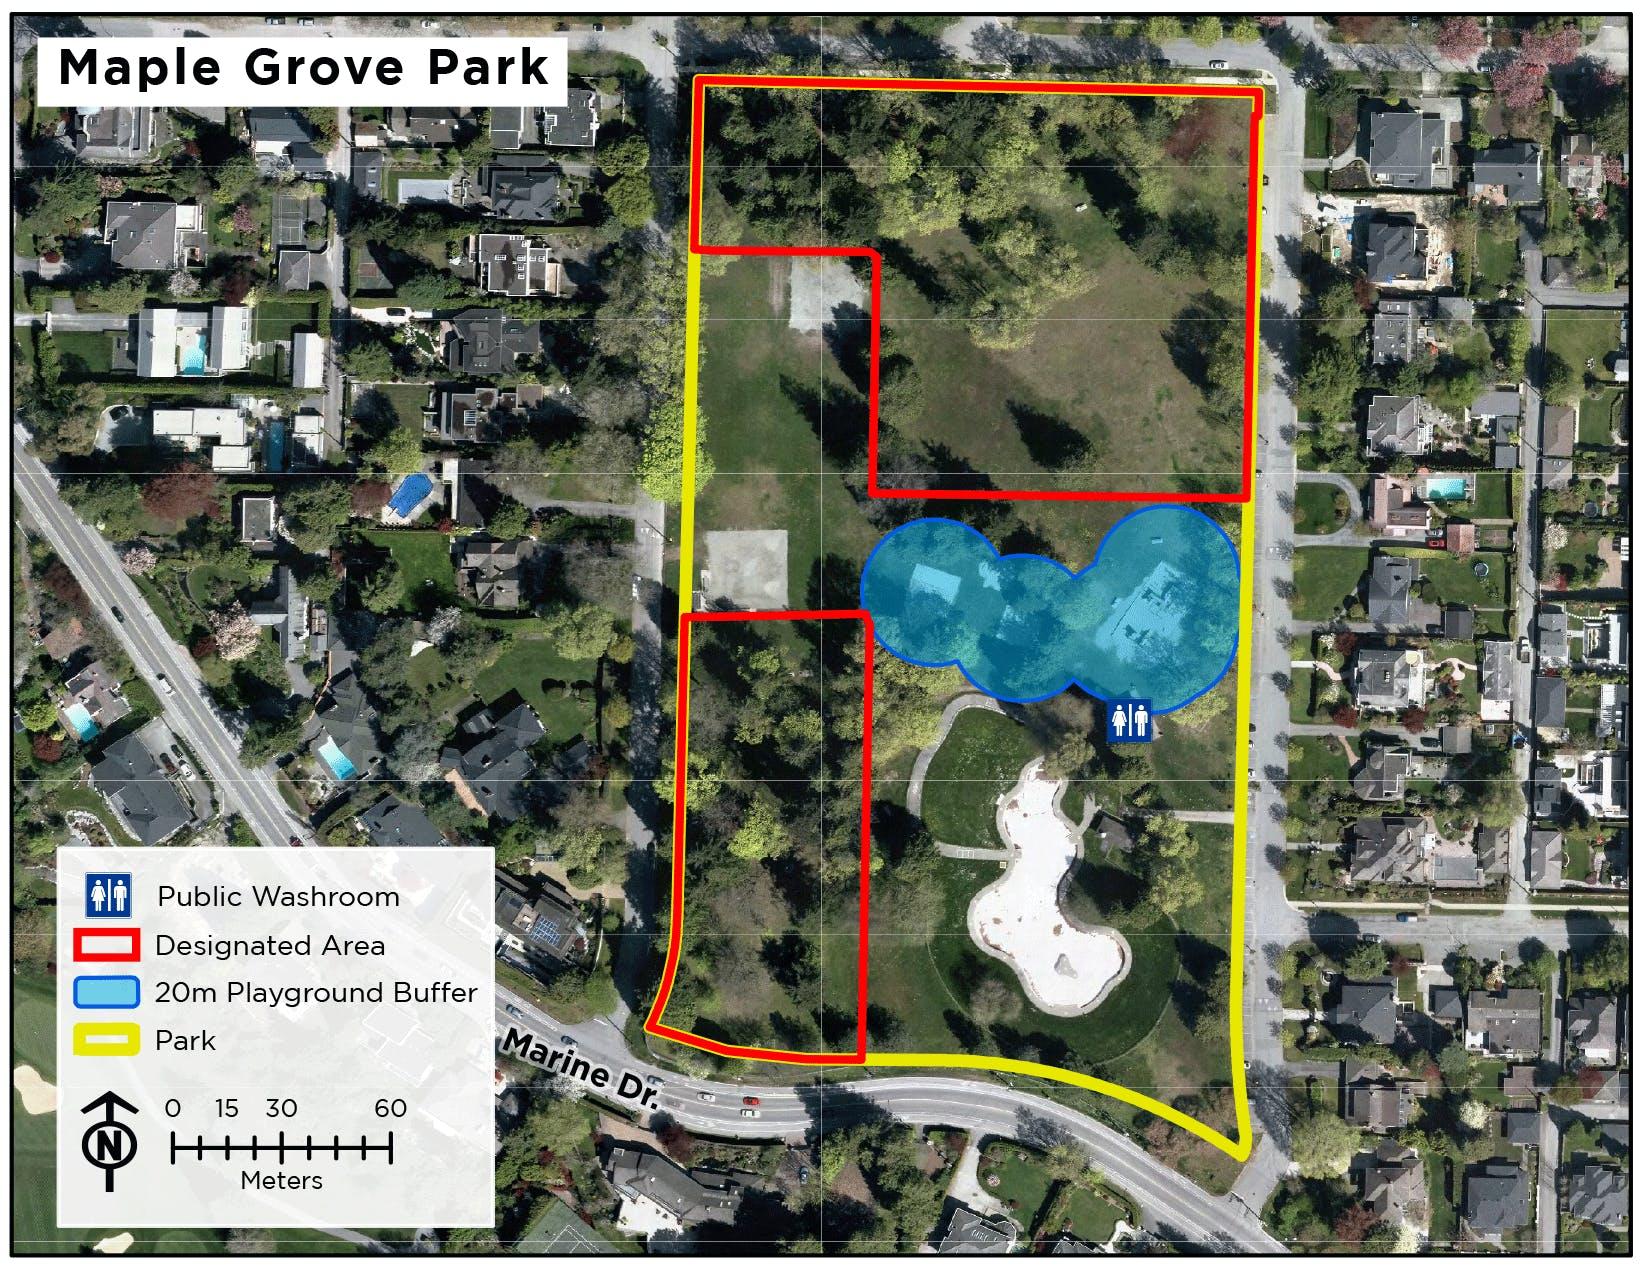 Maple Grove Park